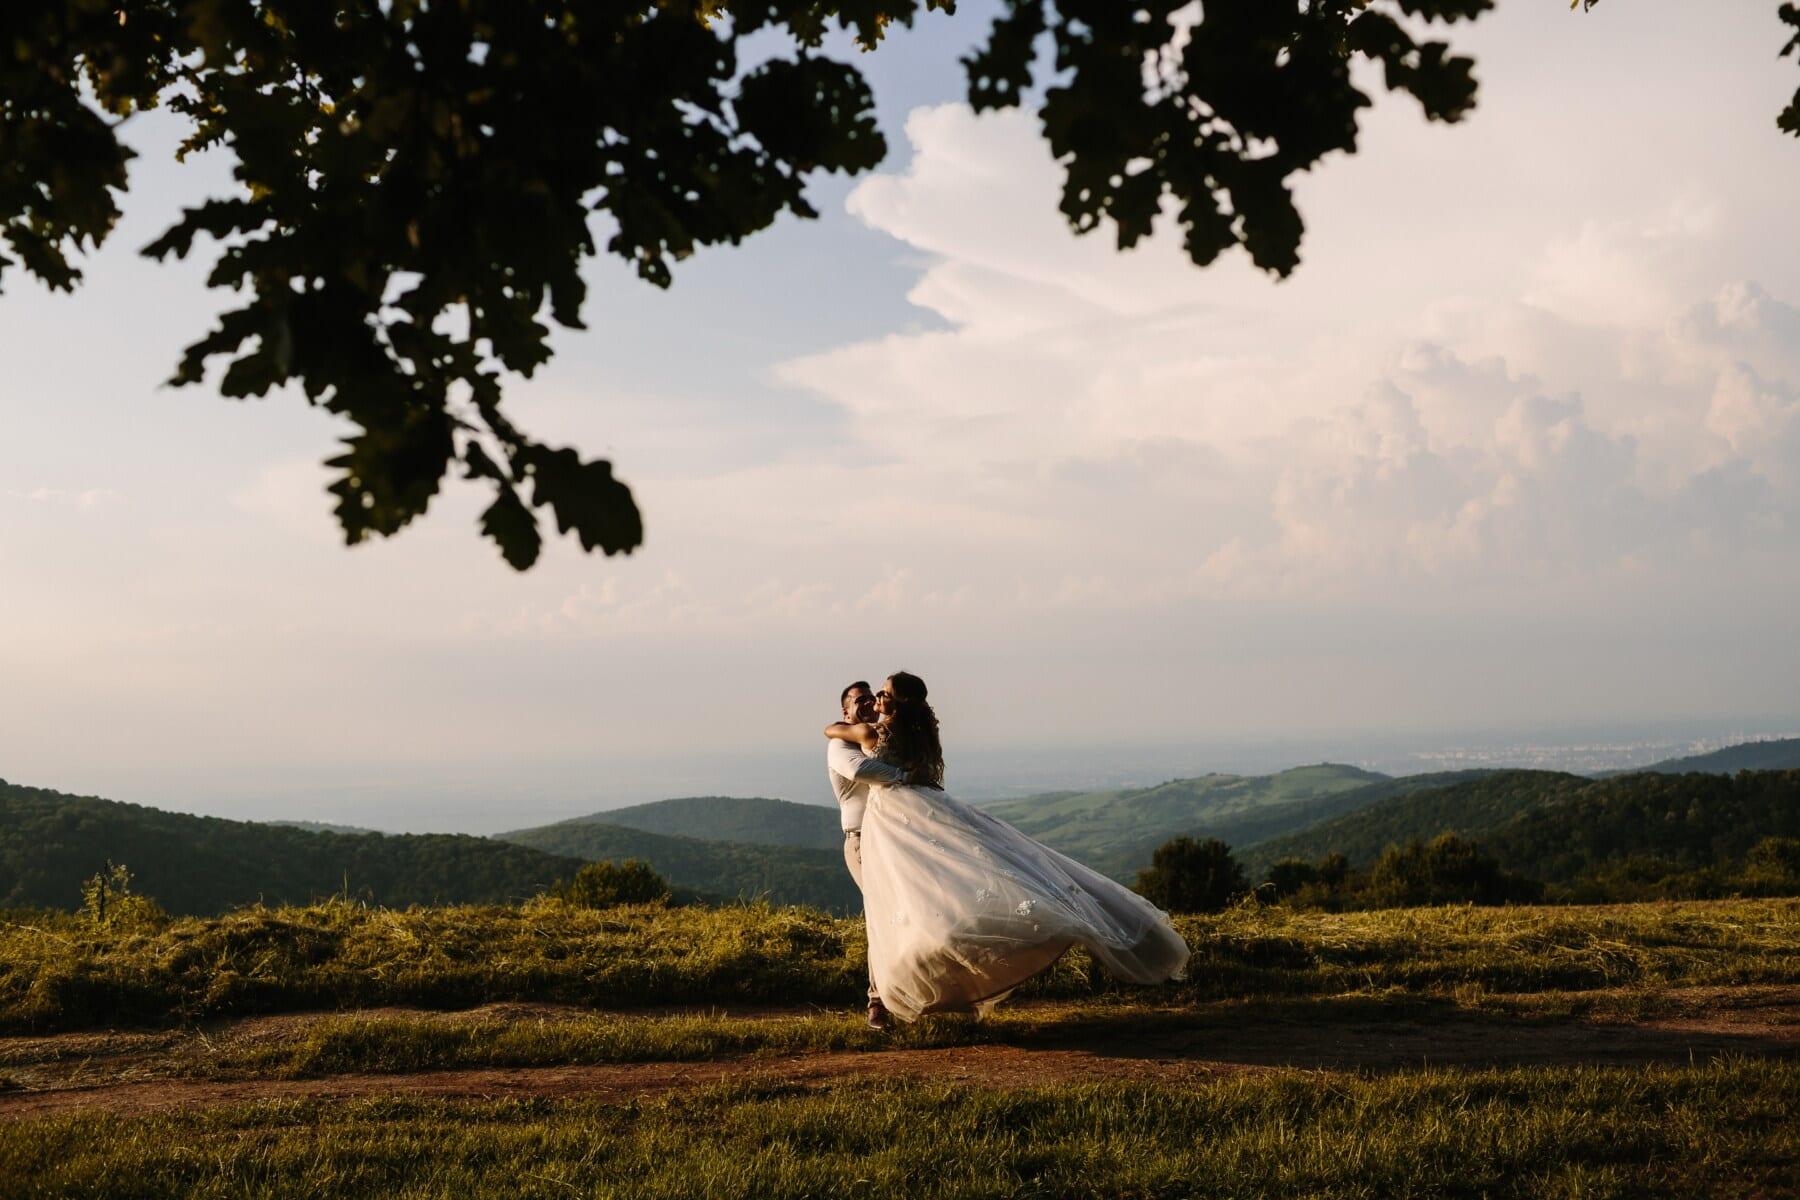 ung kvinne, mann, romantisk, kjærlighet, romantisk date, landskapet, fotturer, bakketopp, bruden, bryllup